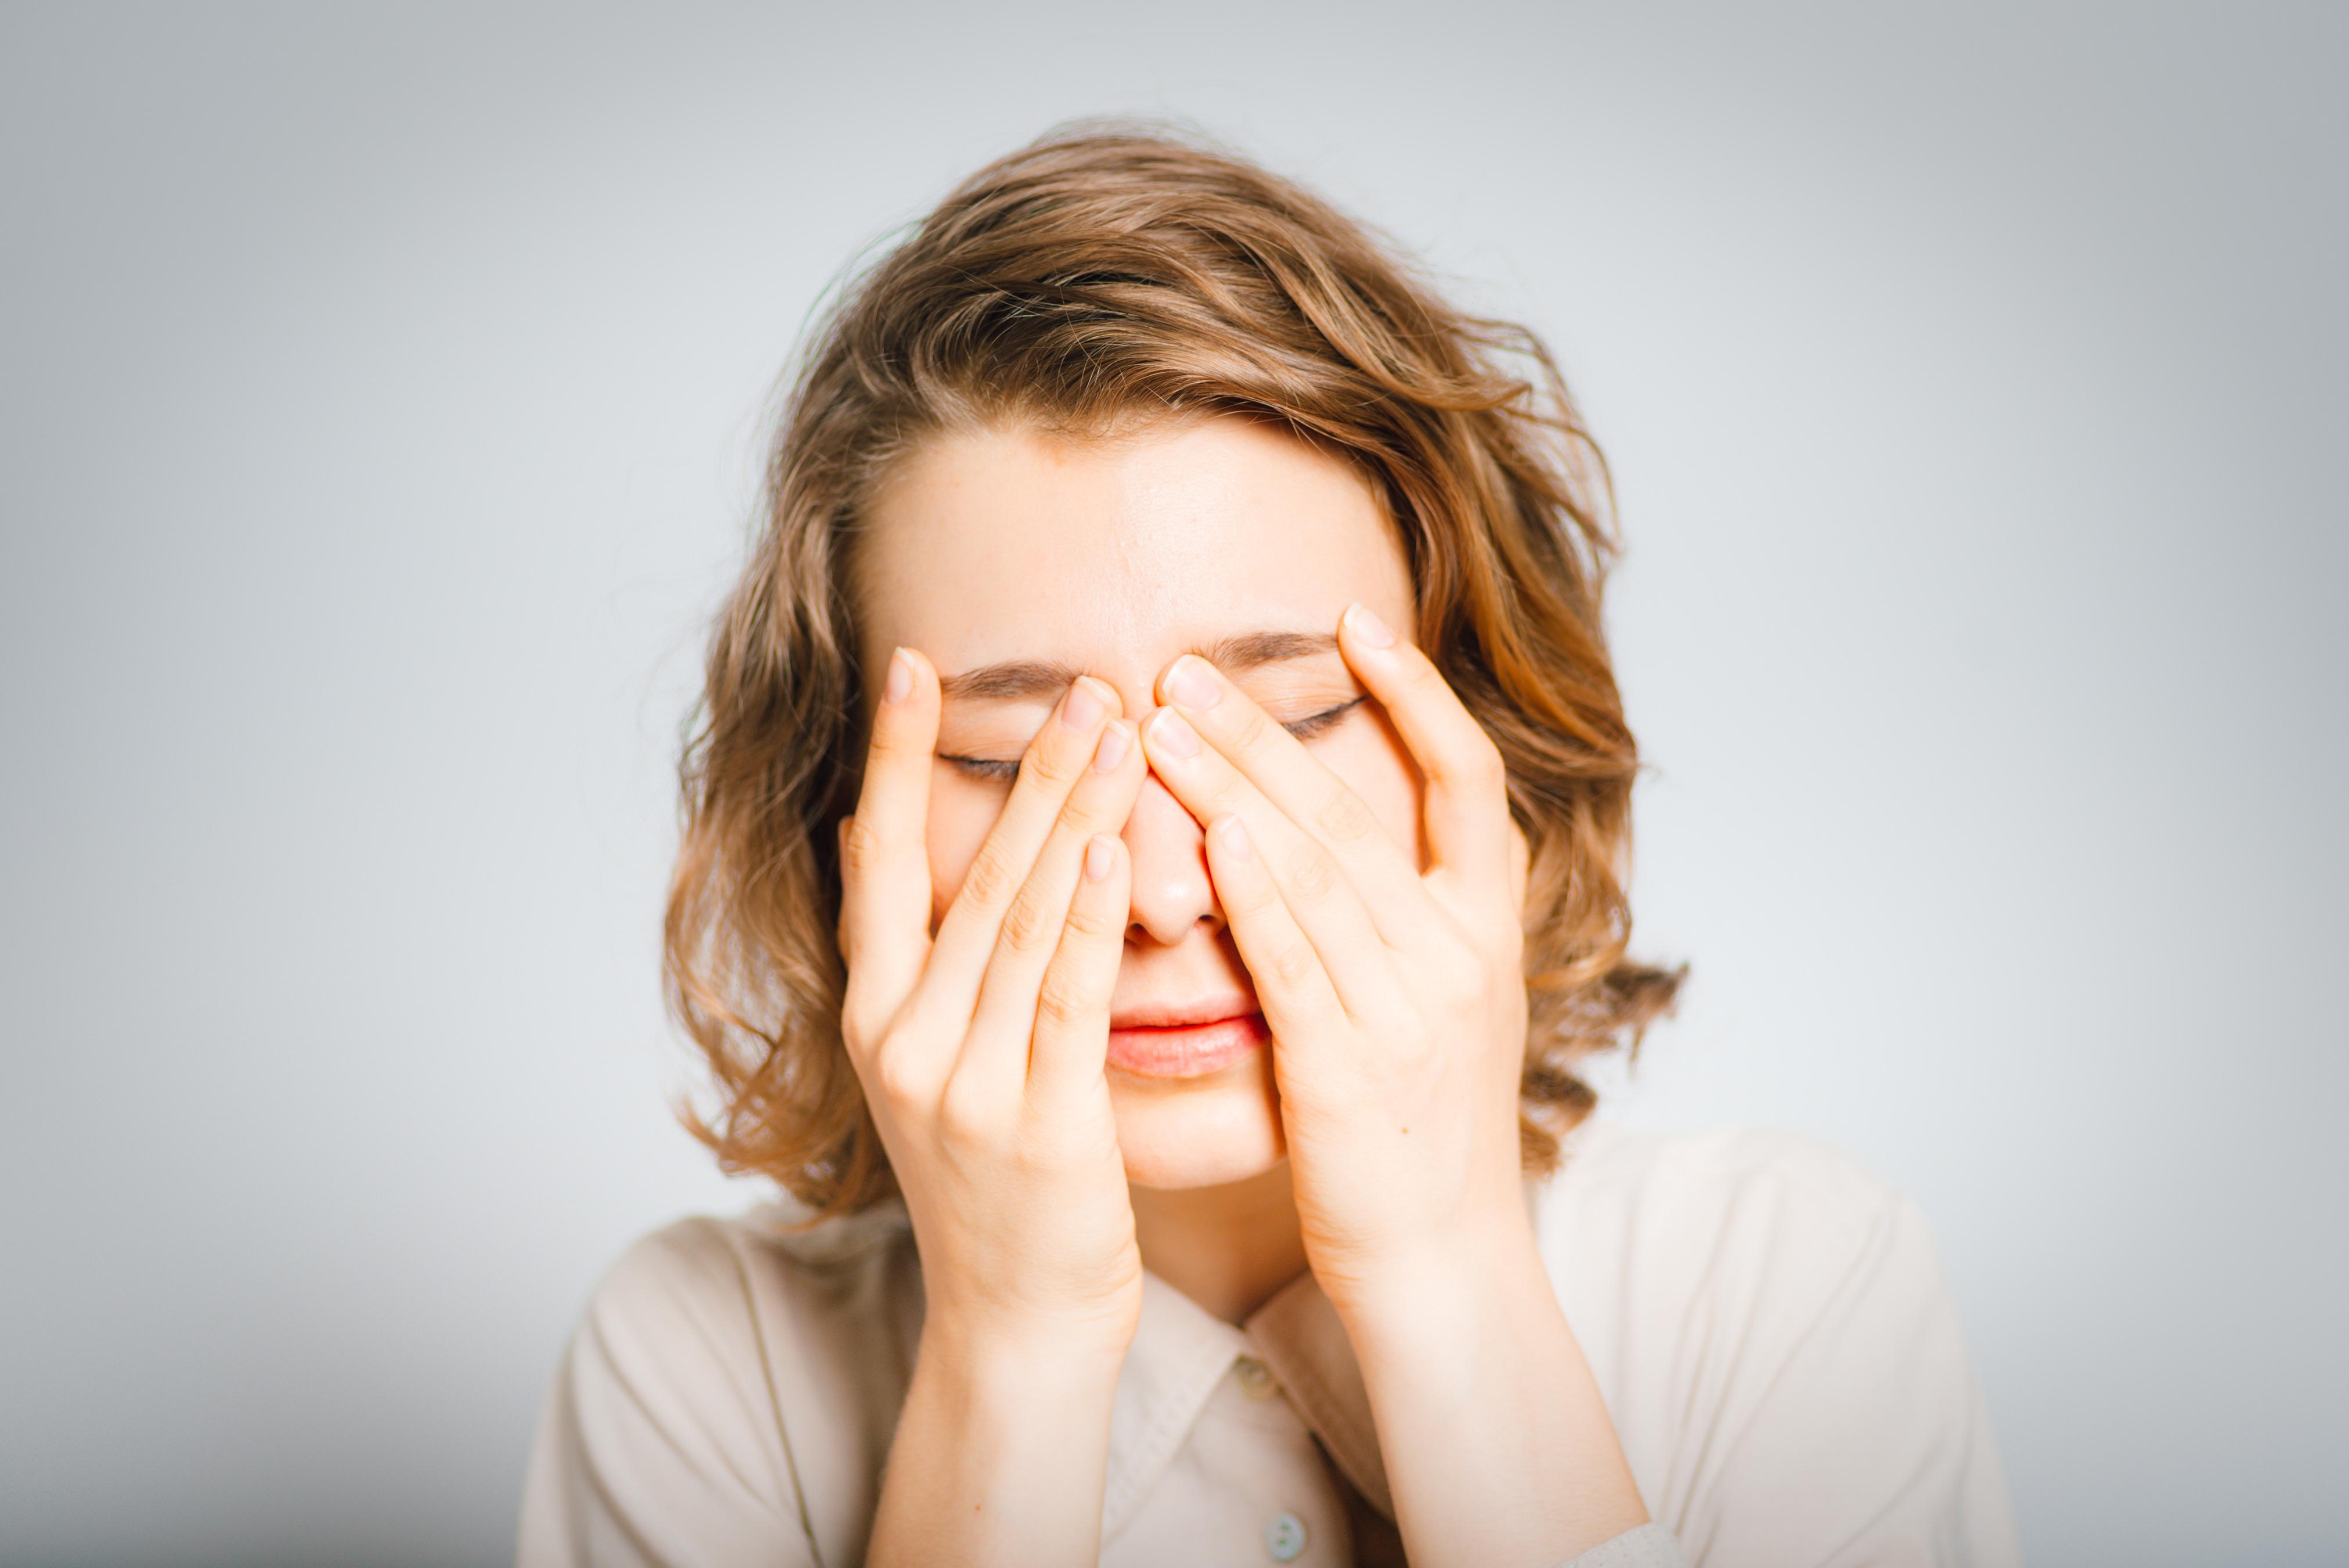 person rubbing uncomfortable eyes